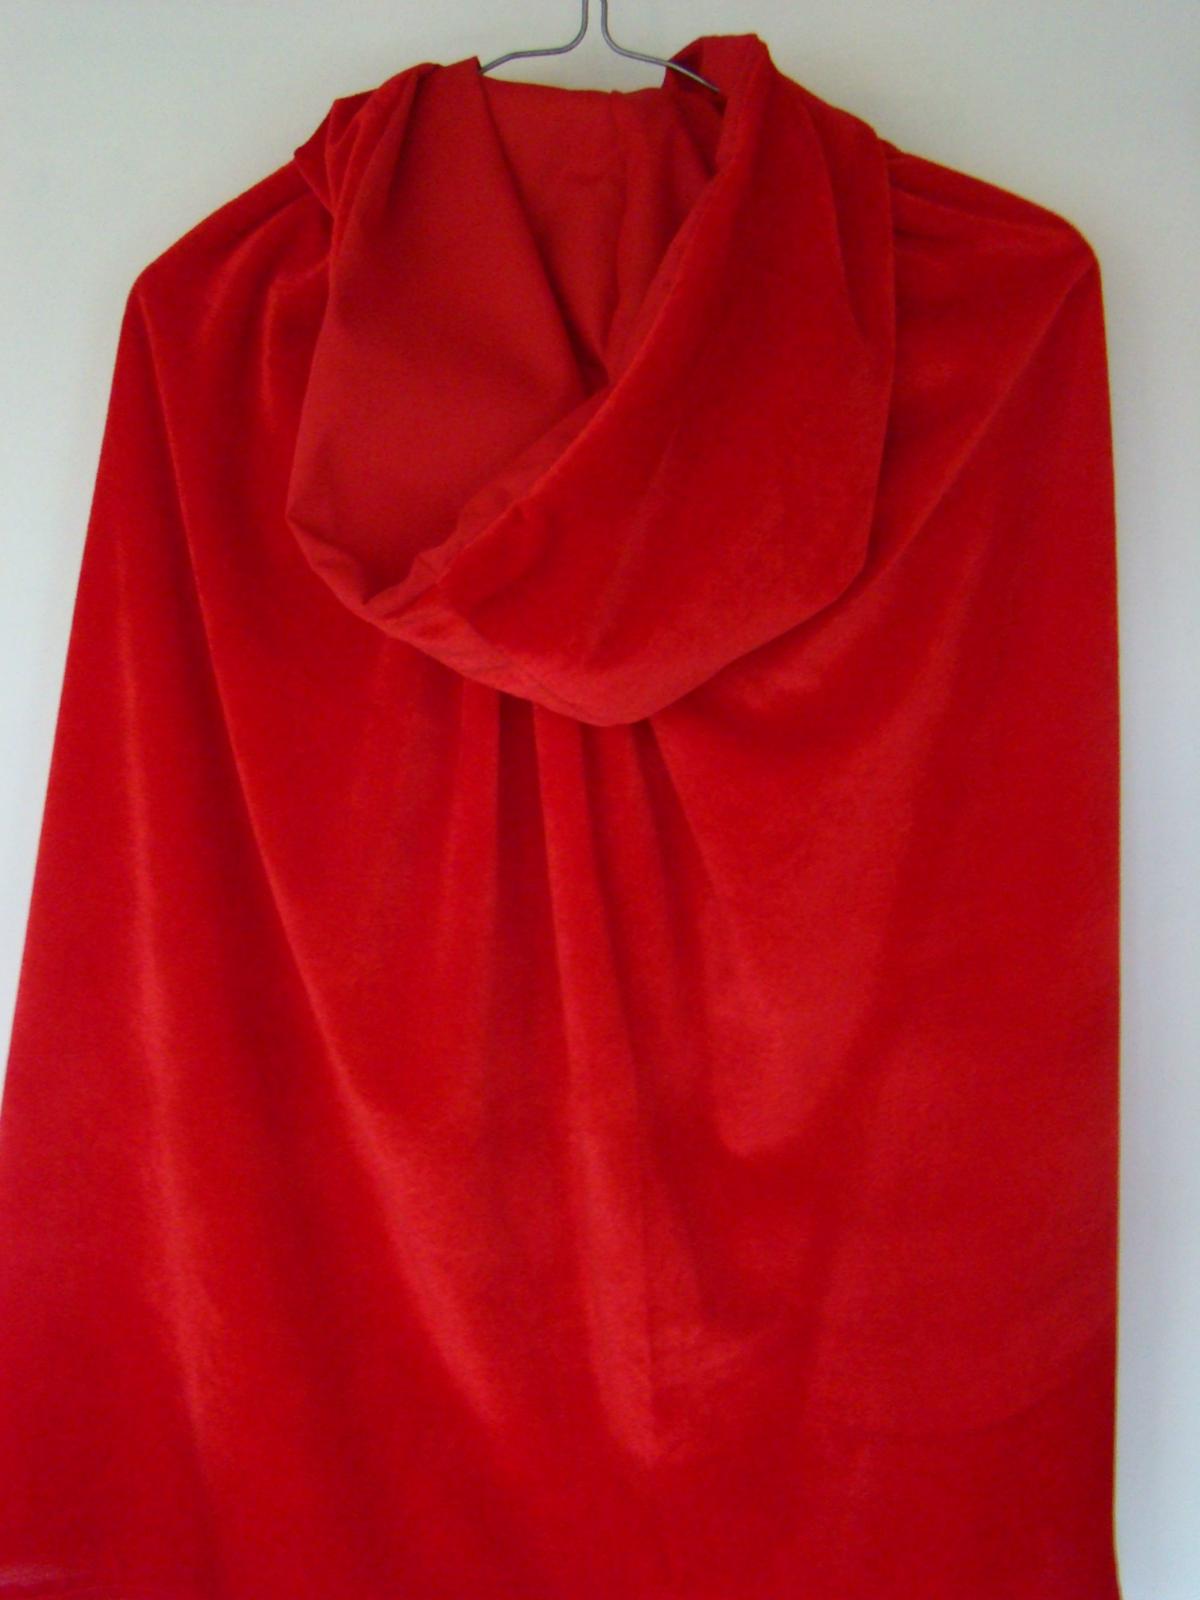 Little Red Riding Hood Cloak Felt